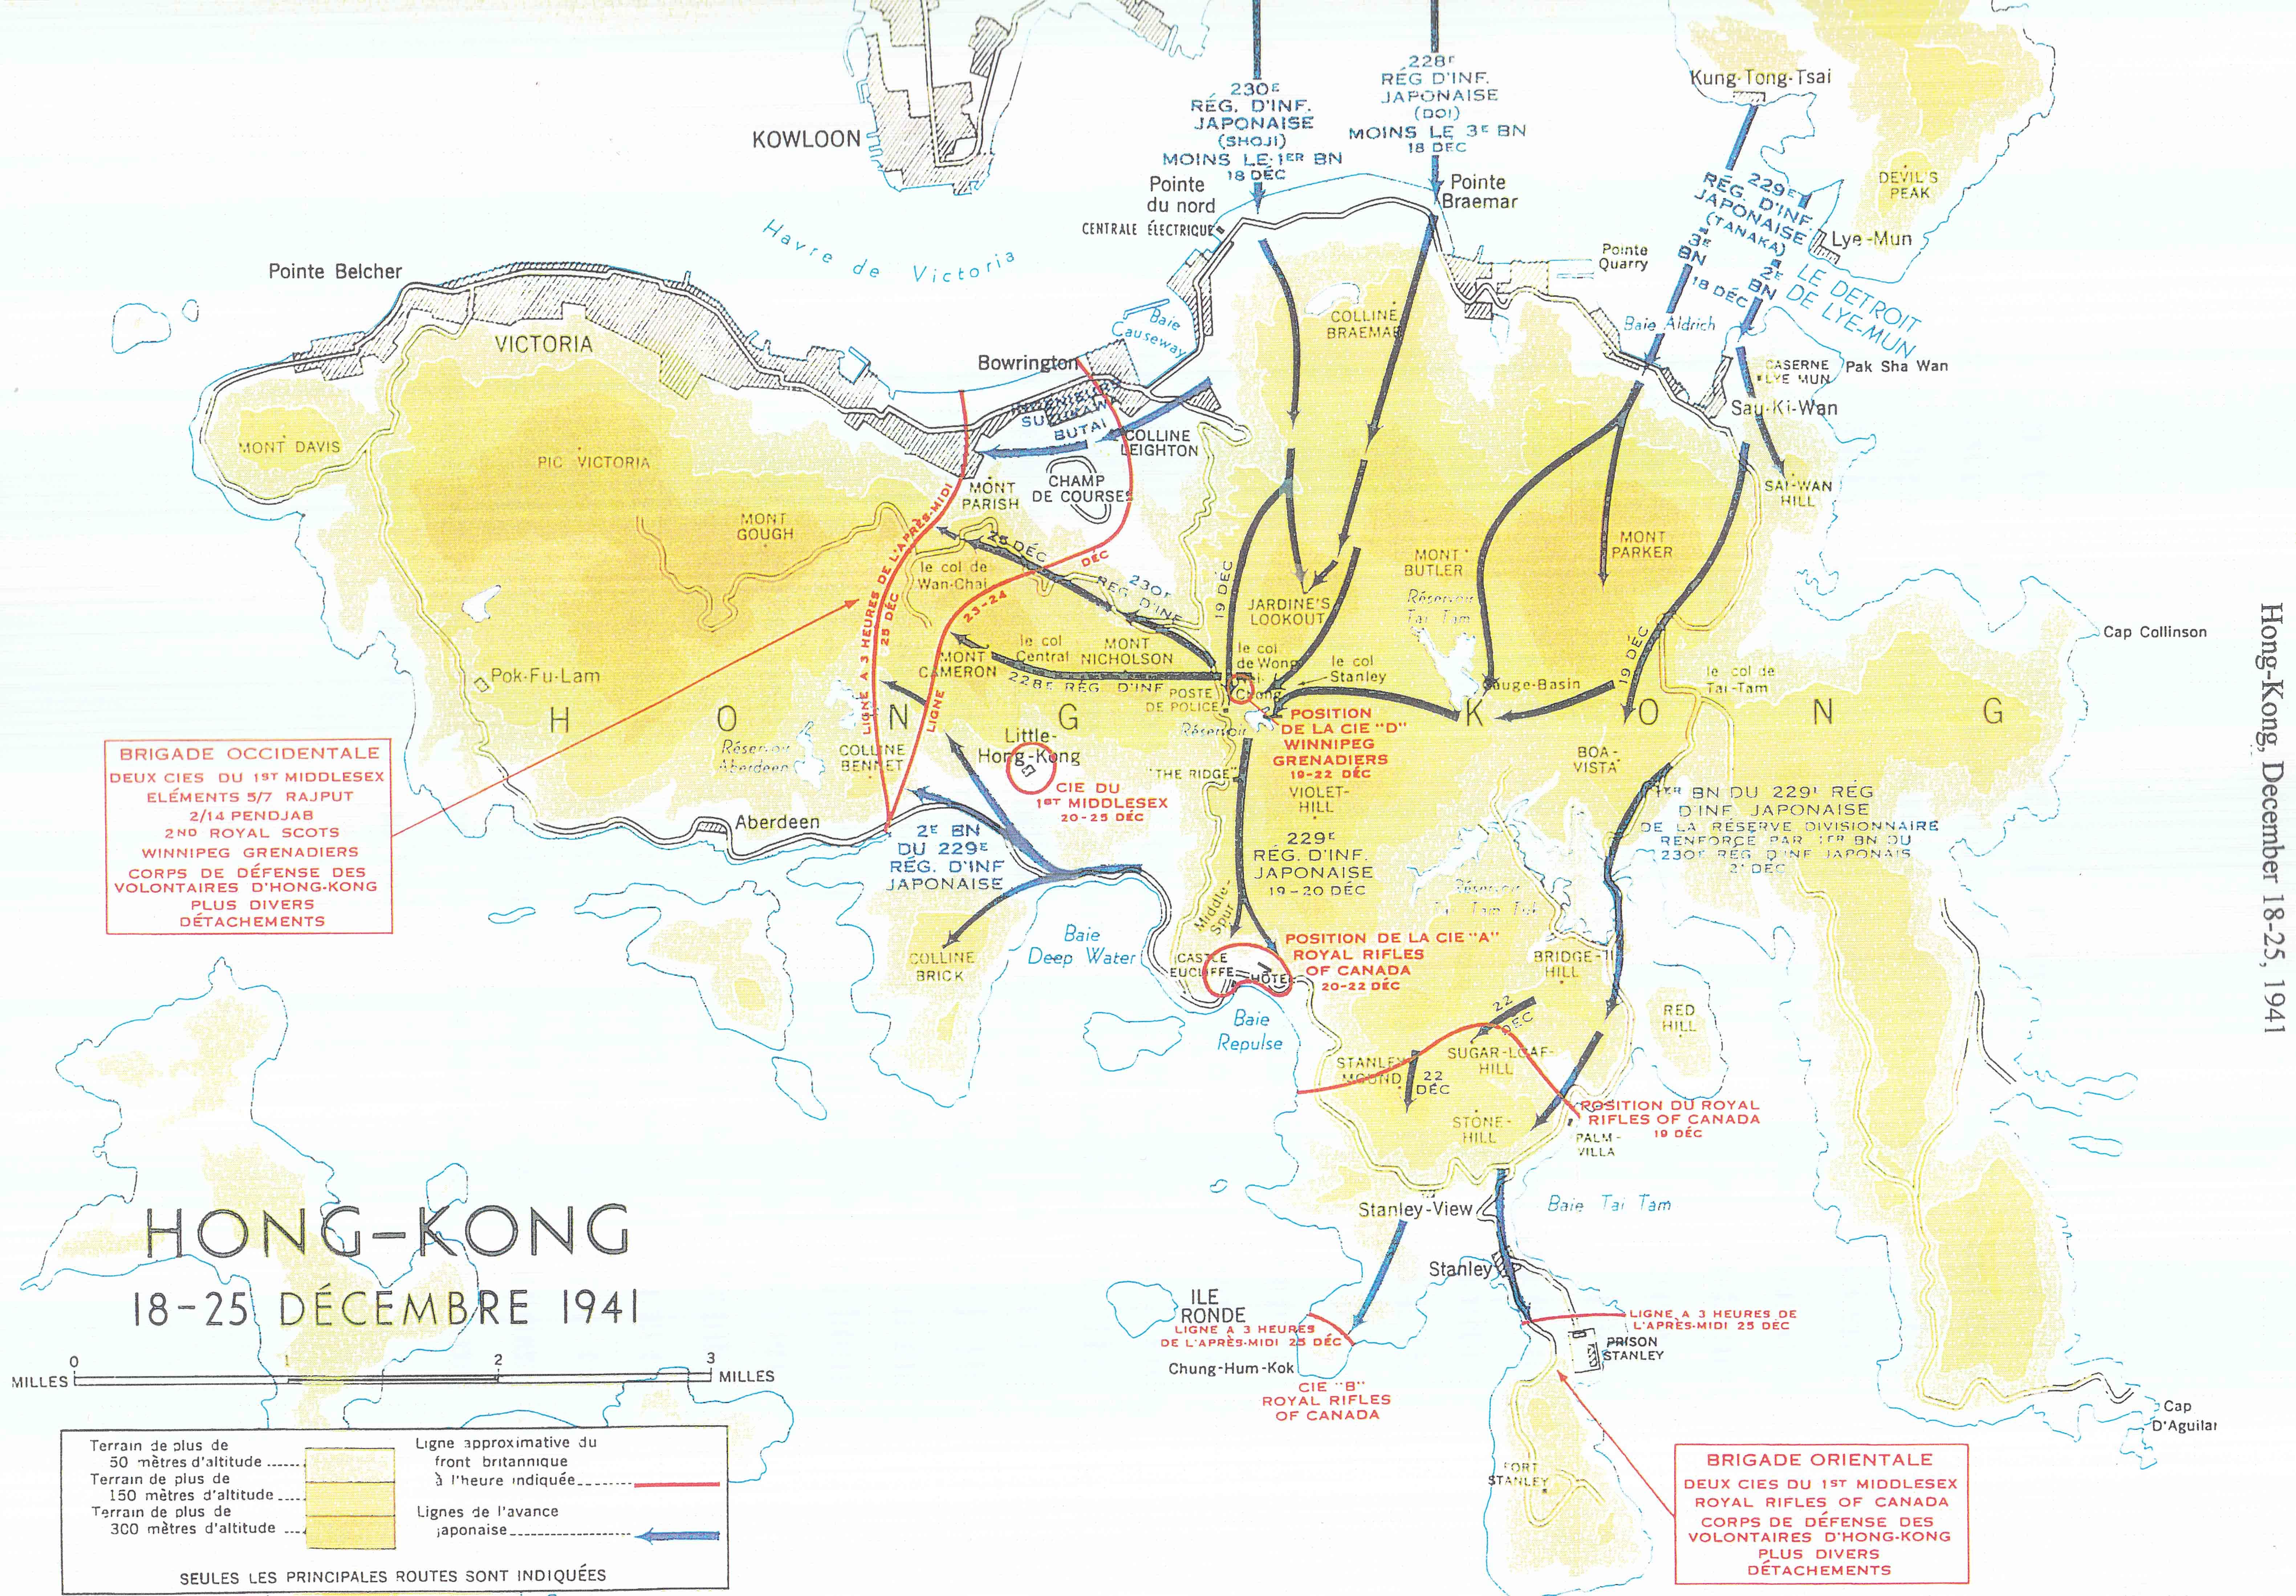 Carte de Hong Kong, 1941.